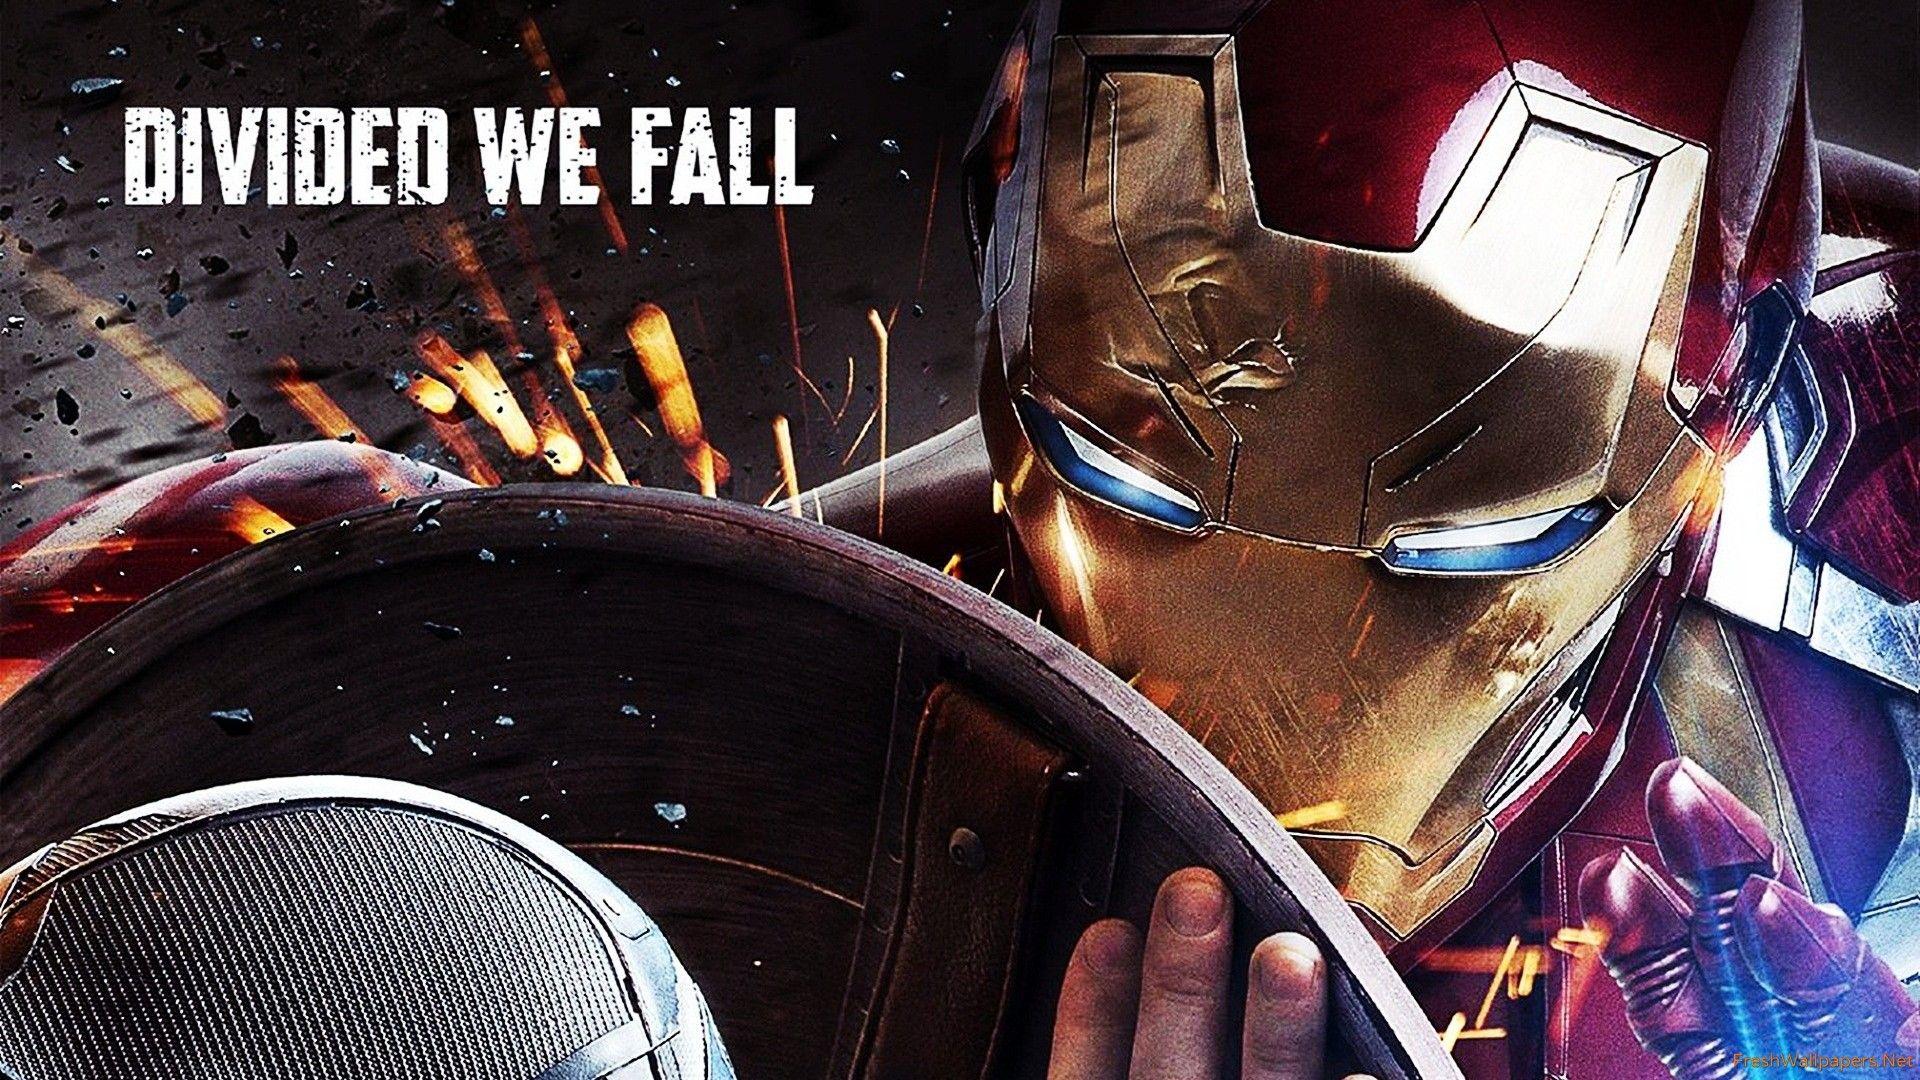 Captain America Civil War Wallpapers Hd: Captain America Civil War P Wallpapers